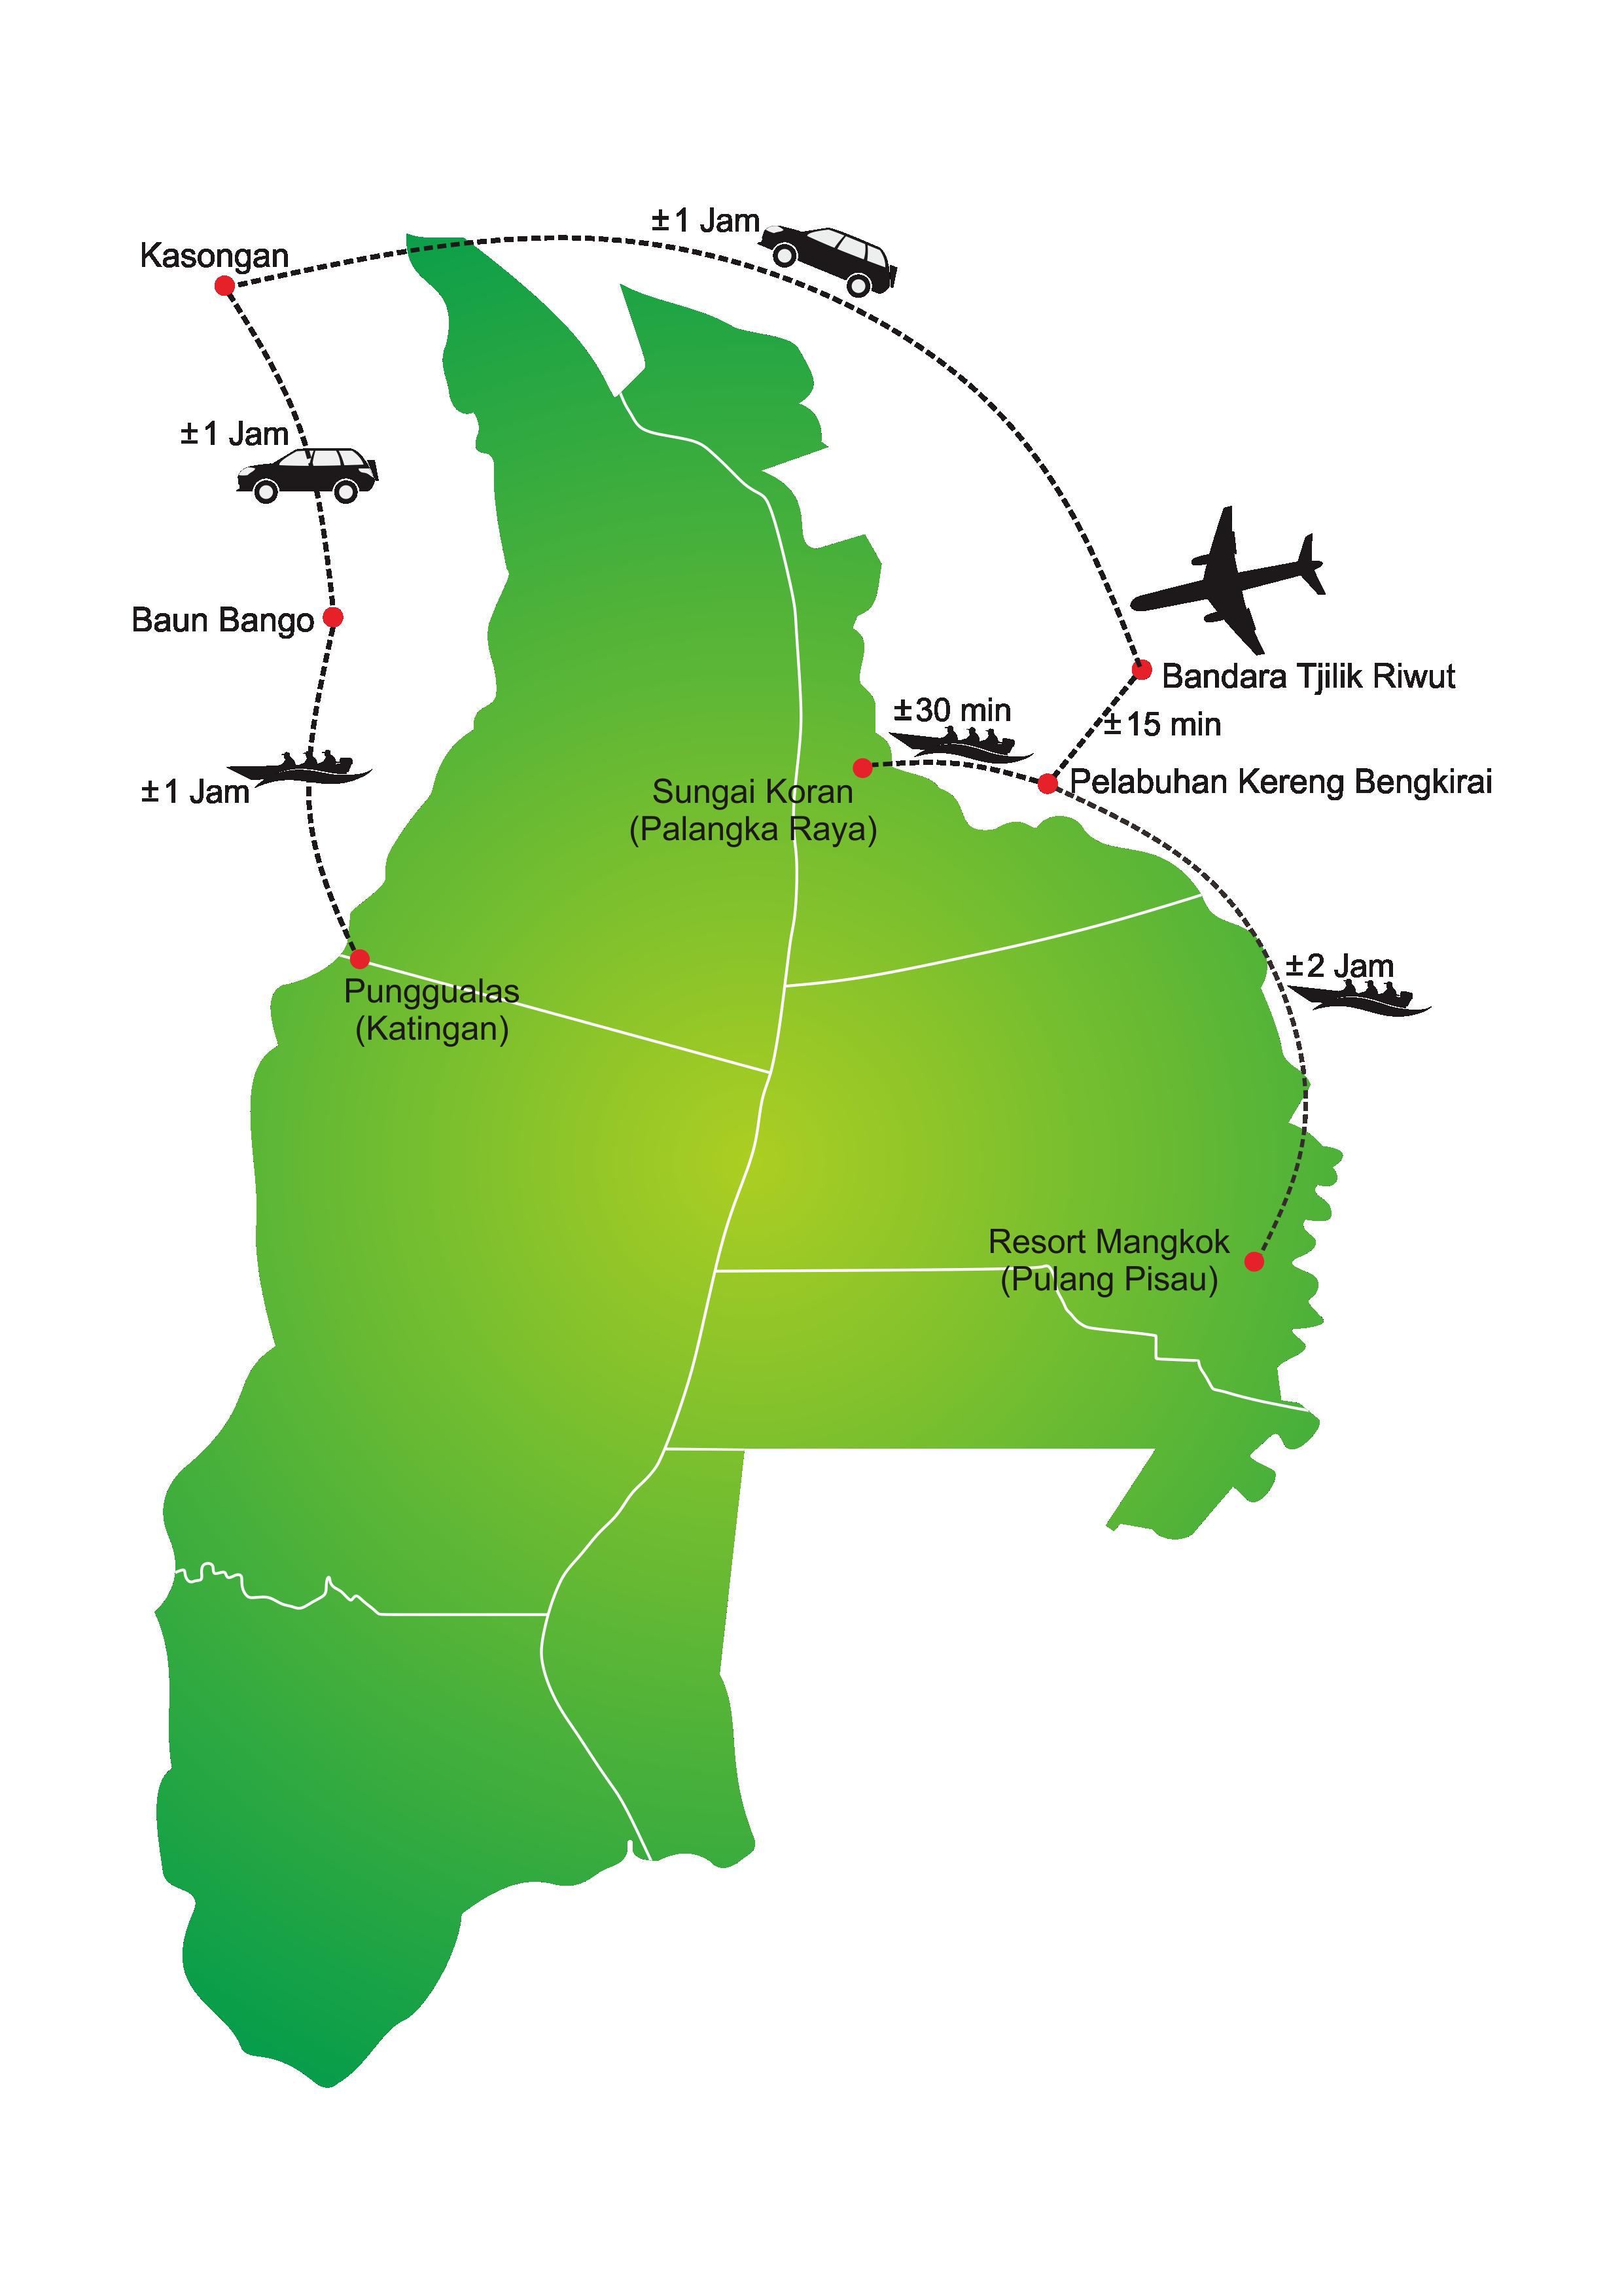 Aksesibilitas Menuju Tn Sebangau Taman Nasional Salah Satu Memiliki Cukup